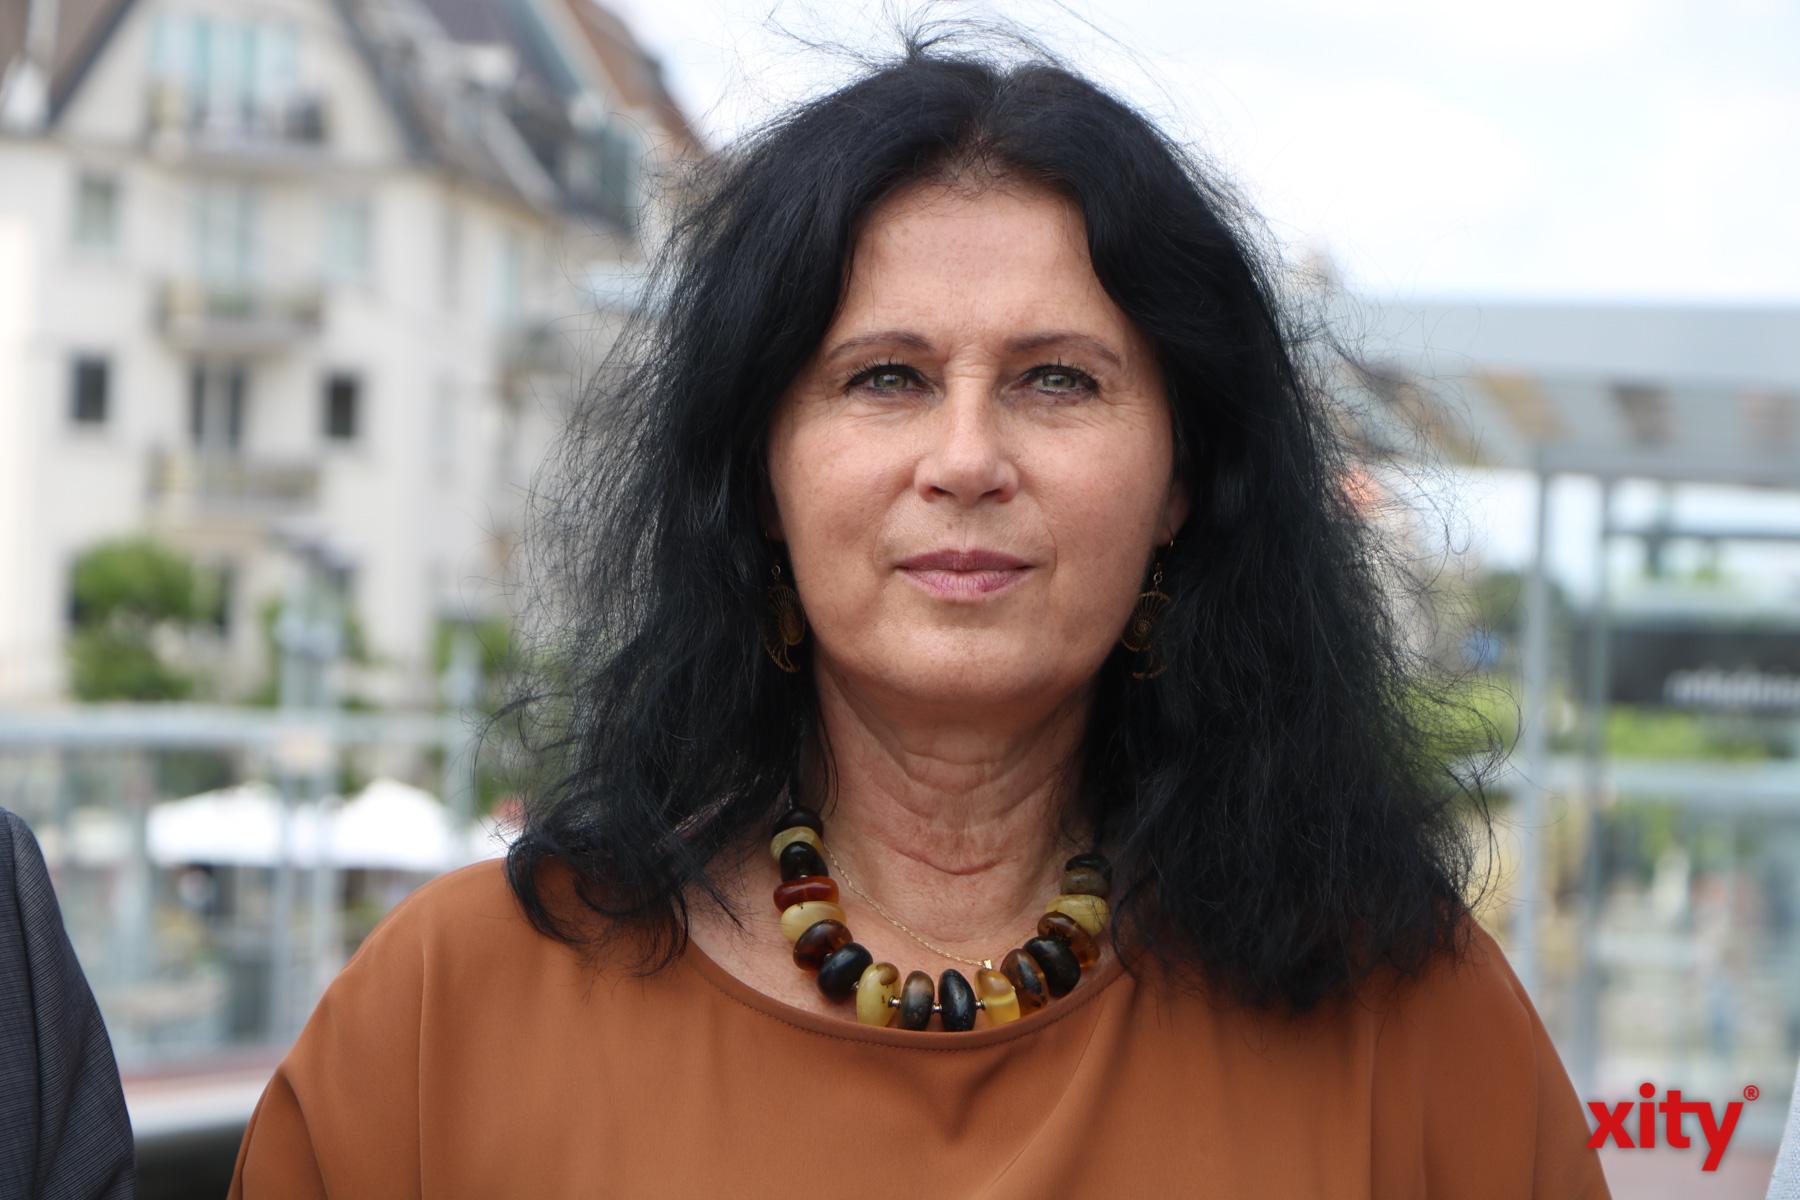 Cornelia Zuschke, Dezernentin für  Planen, Bauen und Grundstückswesen der Stadt Düsseldorf (Foto: xity)